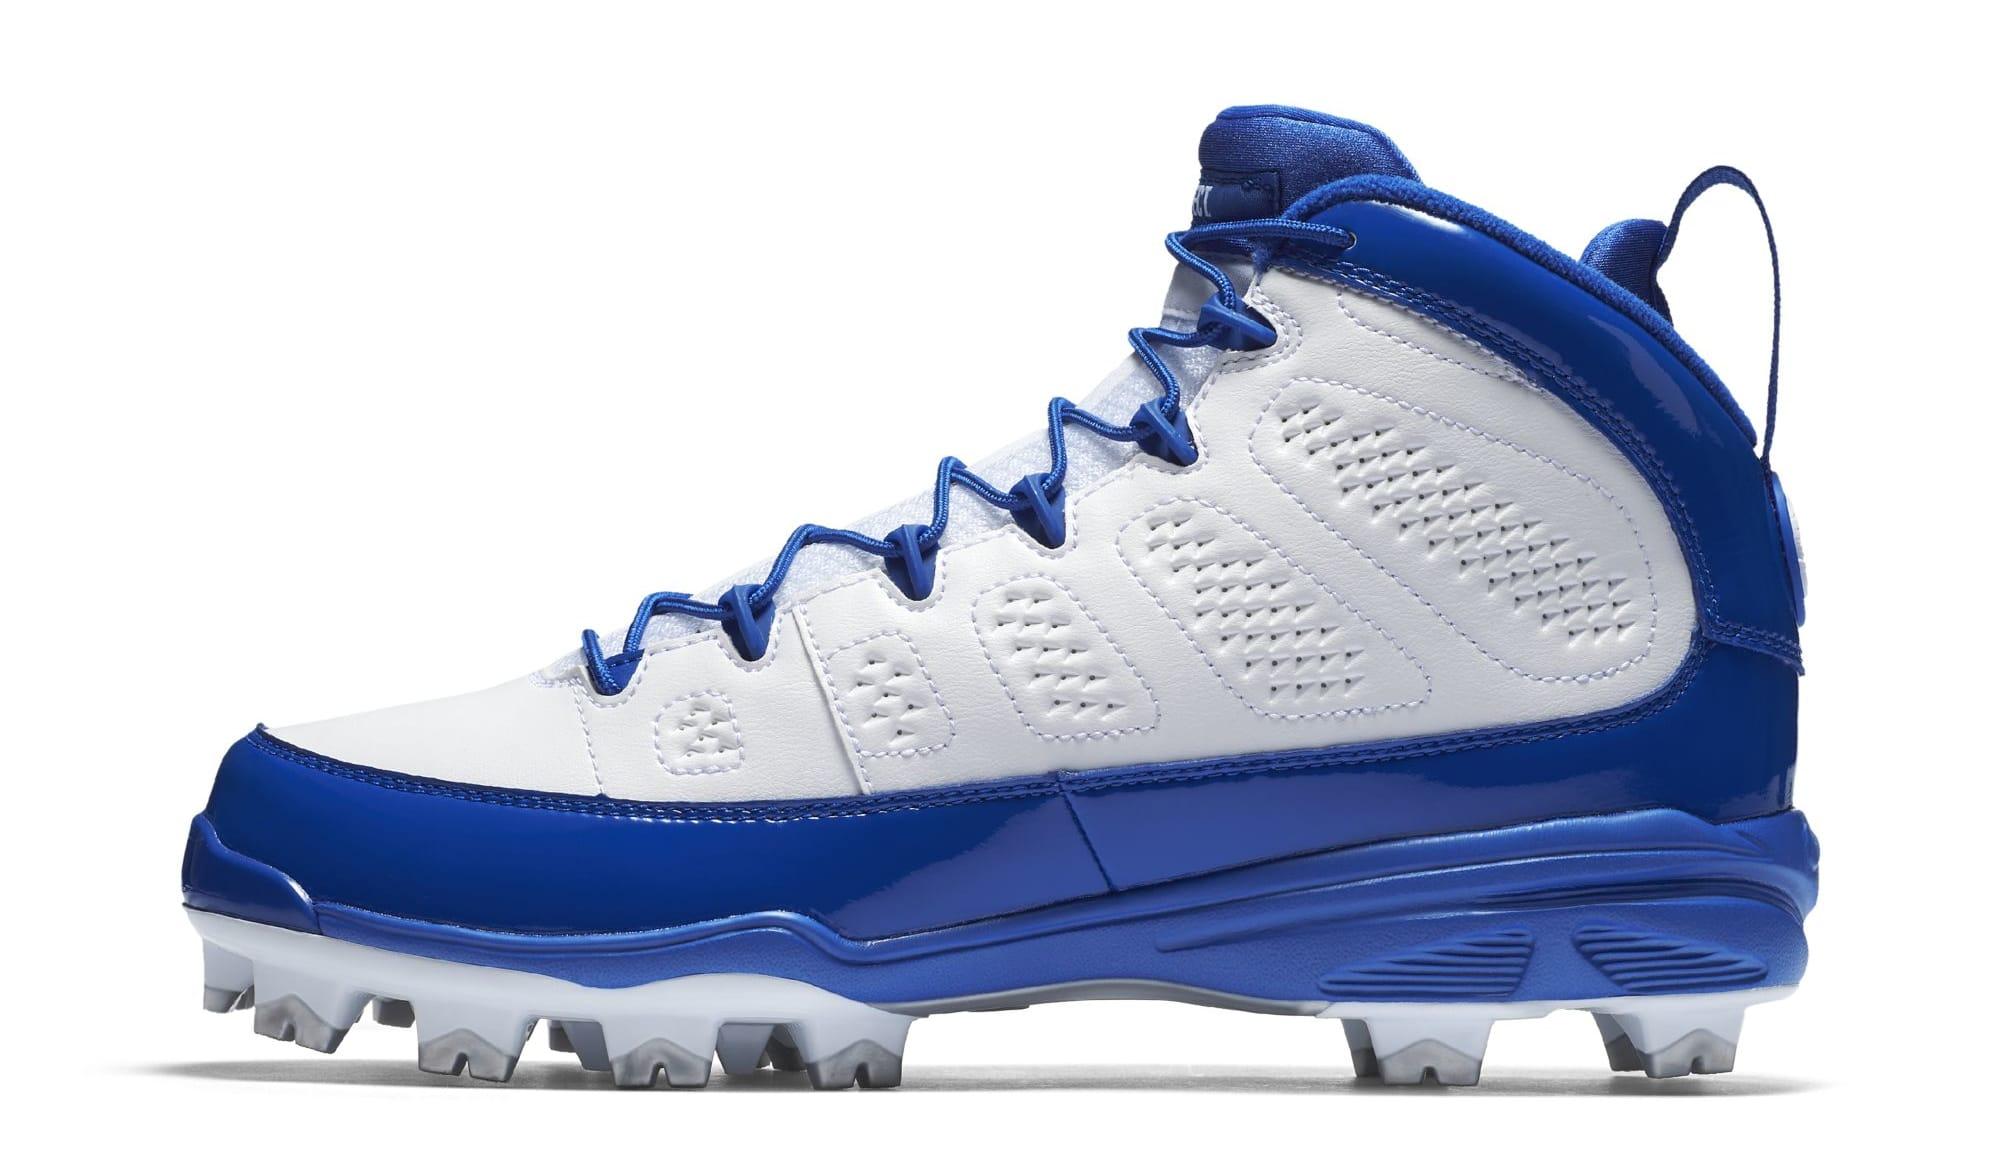 ... Air Jordan 9 IX MCS Baseball Cleats Royal Medial ...